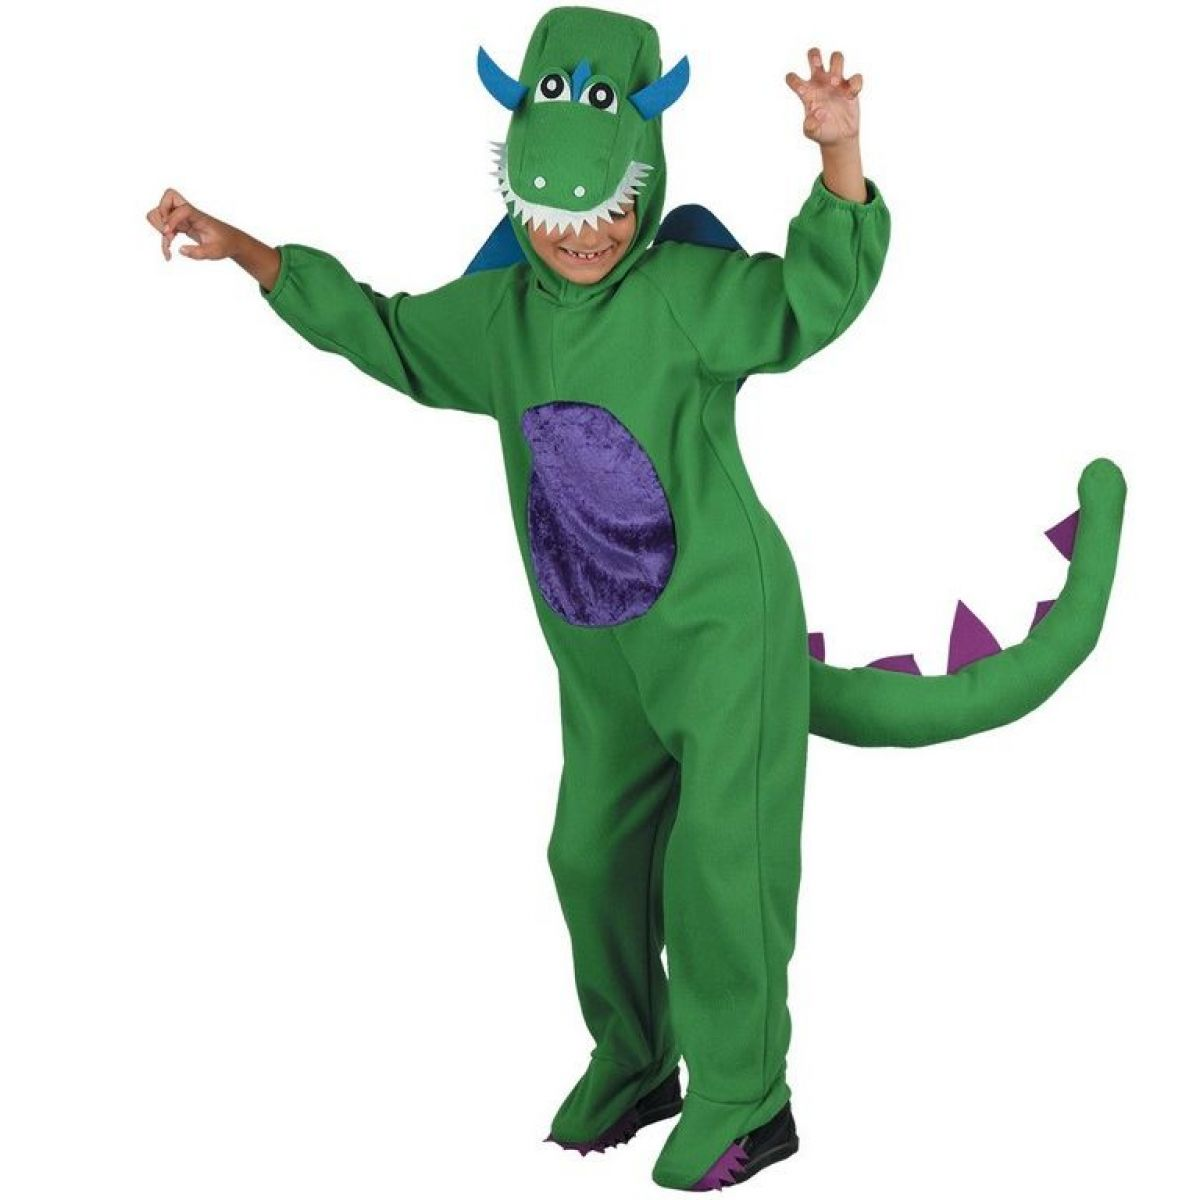 Dětský kostým na karneval Dinosaurus 120 - 130 cm